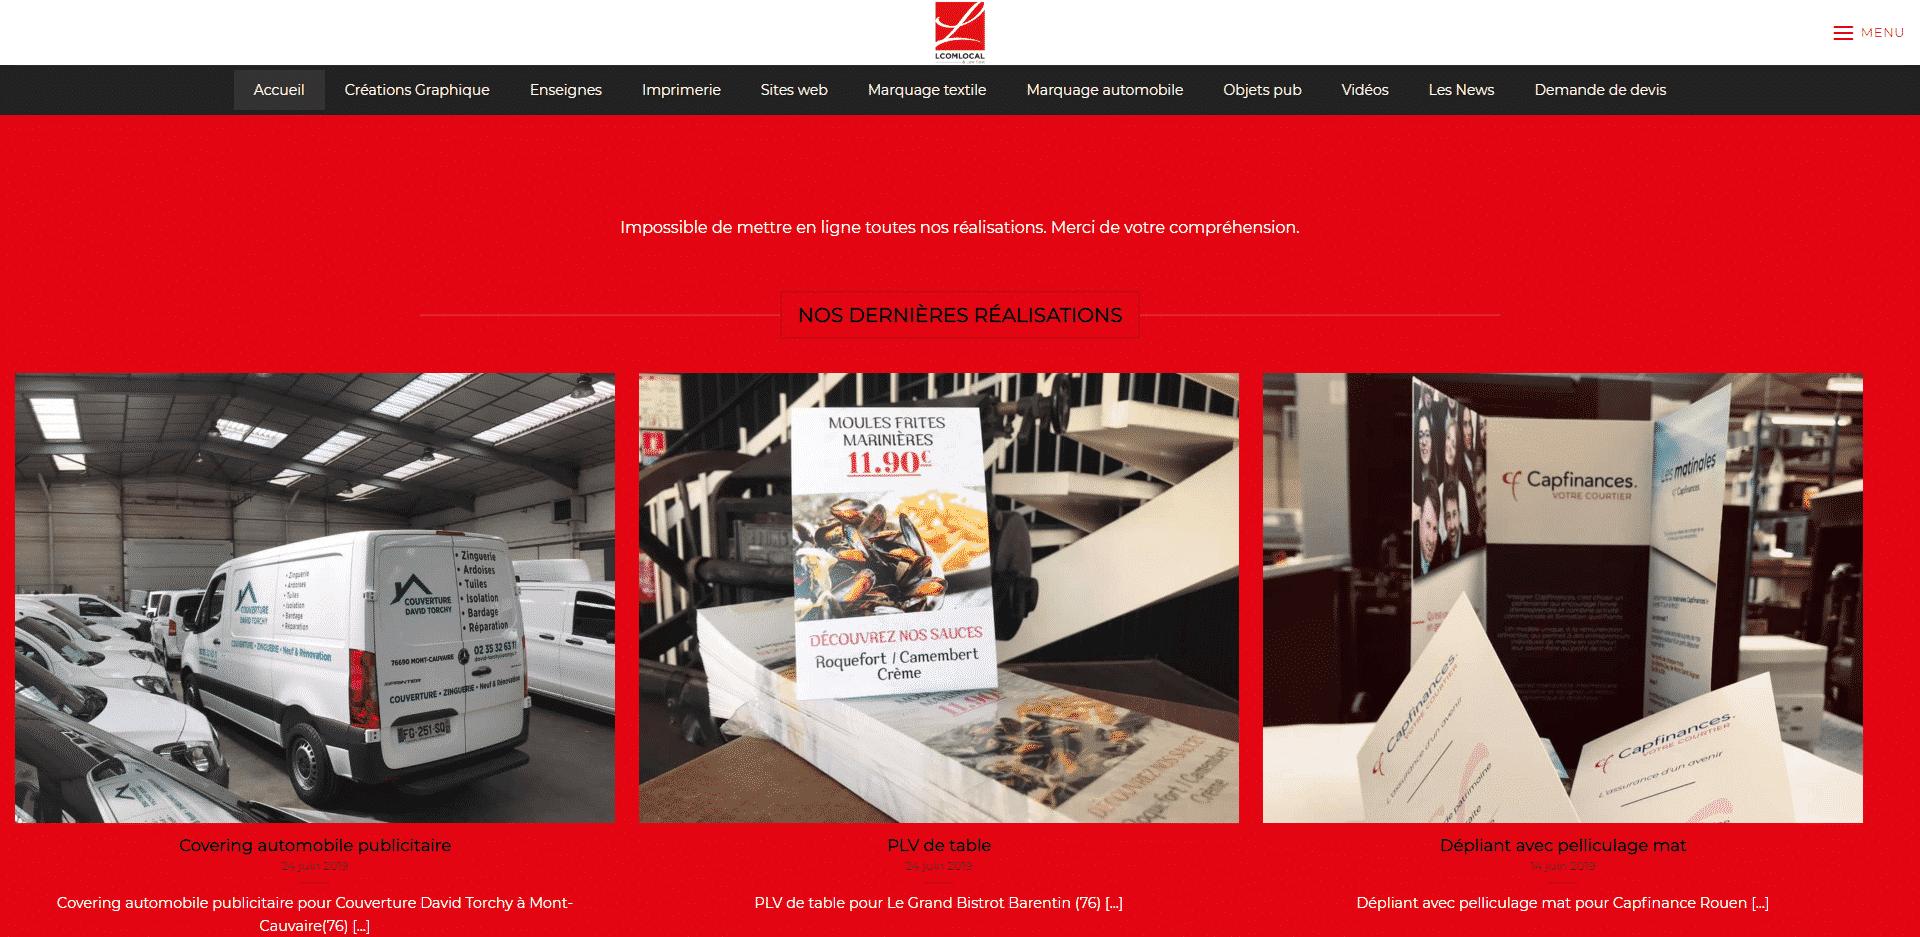 Aperçu du site web des réalisations de l'agence LCOMLOCAL